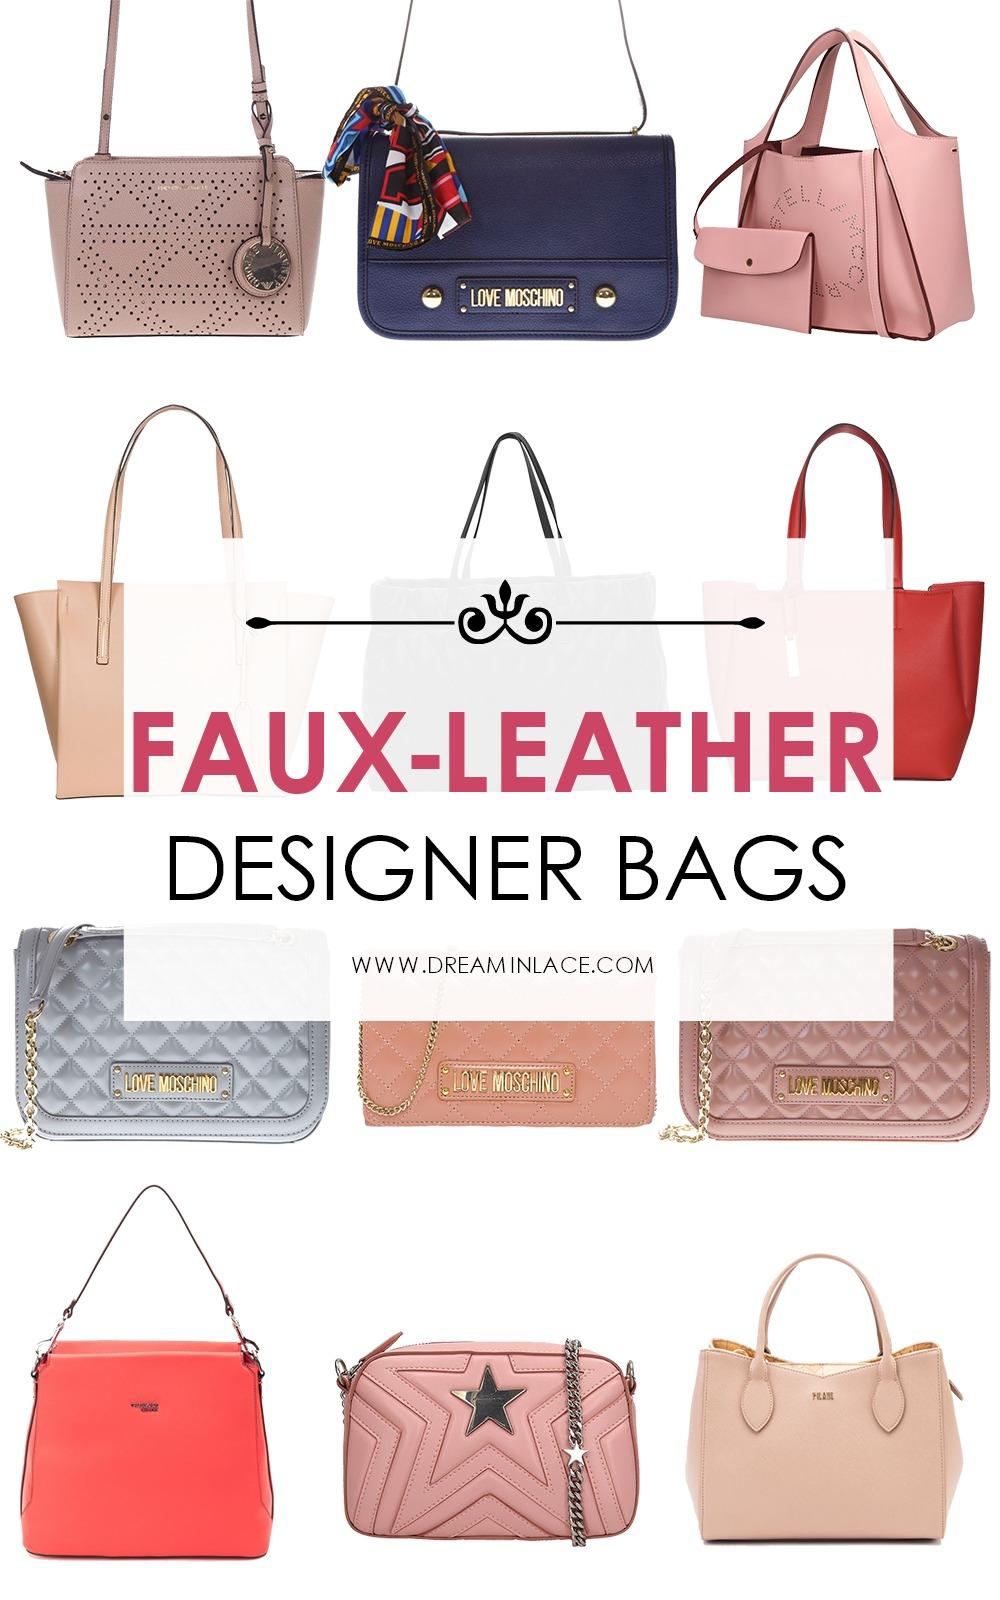 Most Popular Blog Posts - Faux-Leather Designer Bag